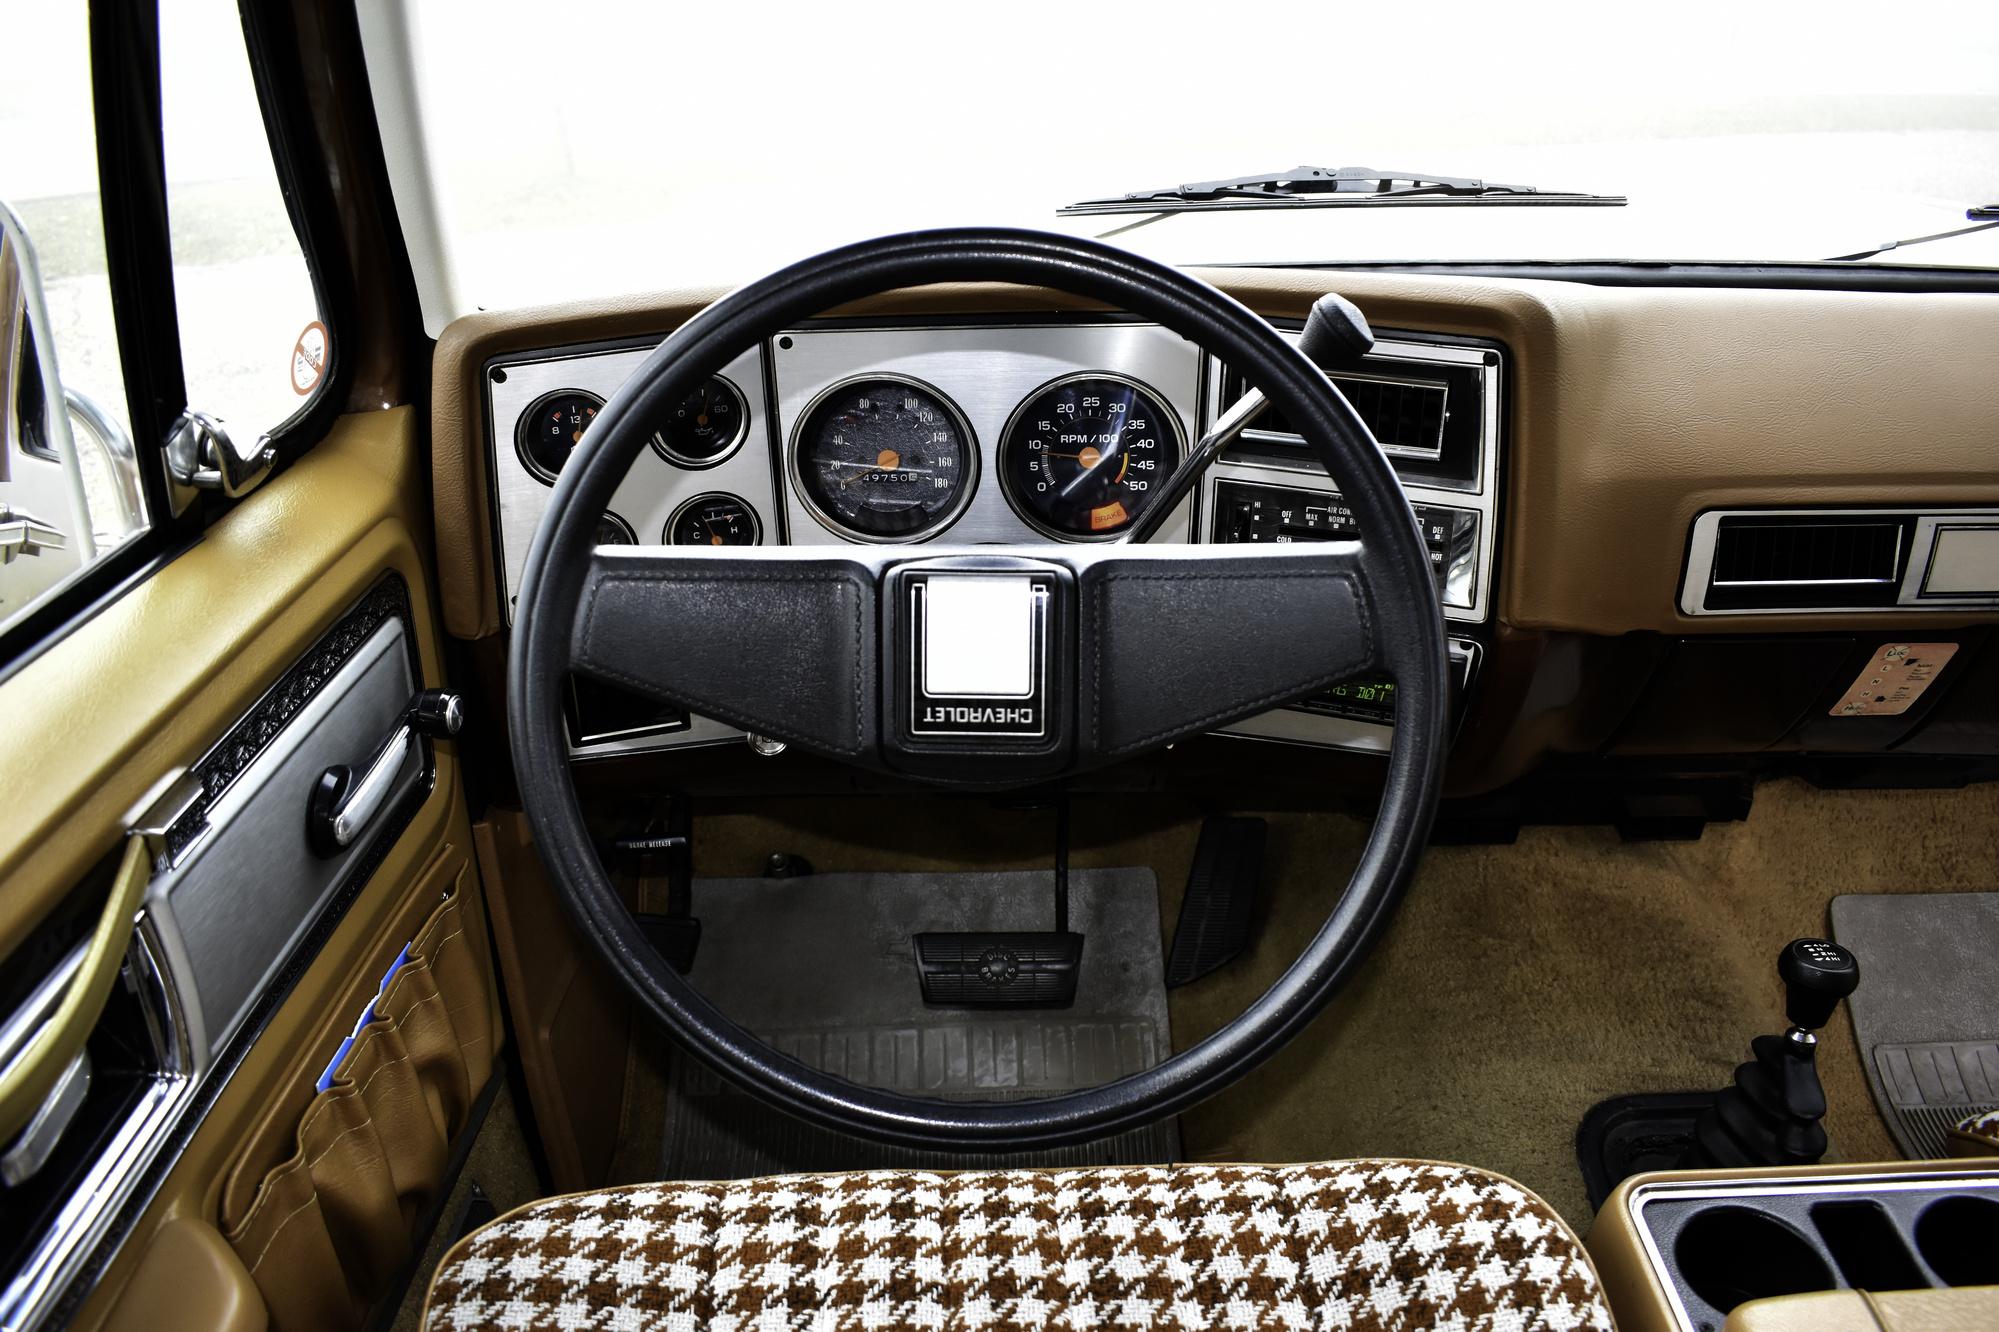 Camelfarbener 1980 Chevrolet Blazer K5 Silverado Oldtimer Veteranenfahrzeug auf Anhöhe in Nebel gehüllt in Dreiviertelansicht von vorne links